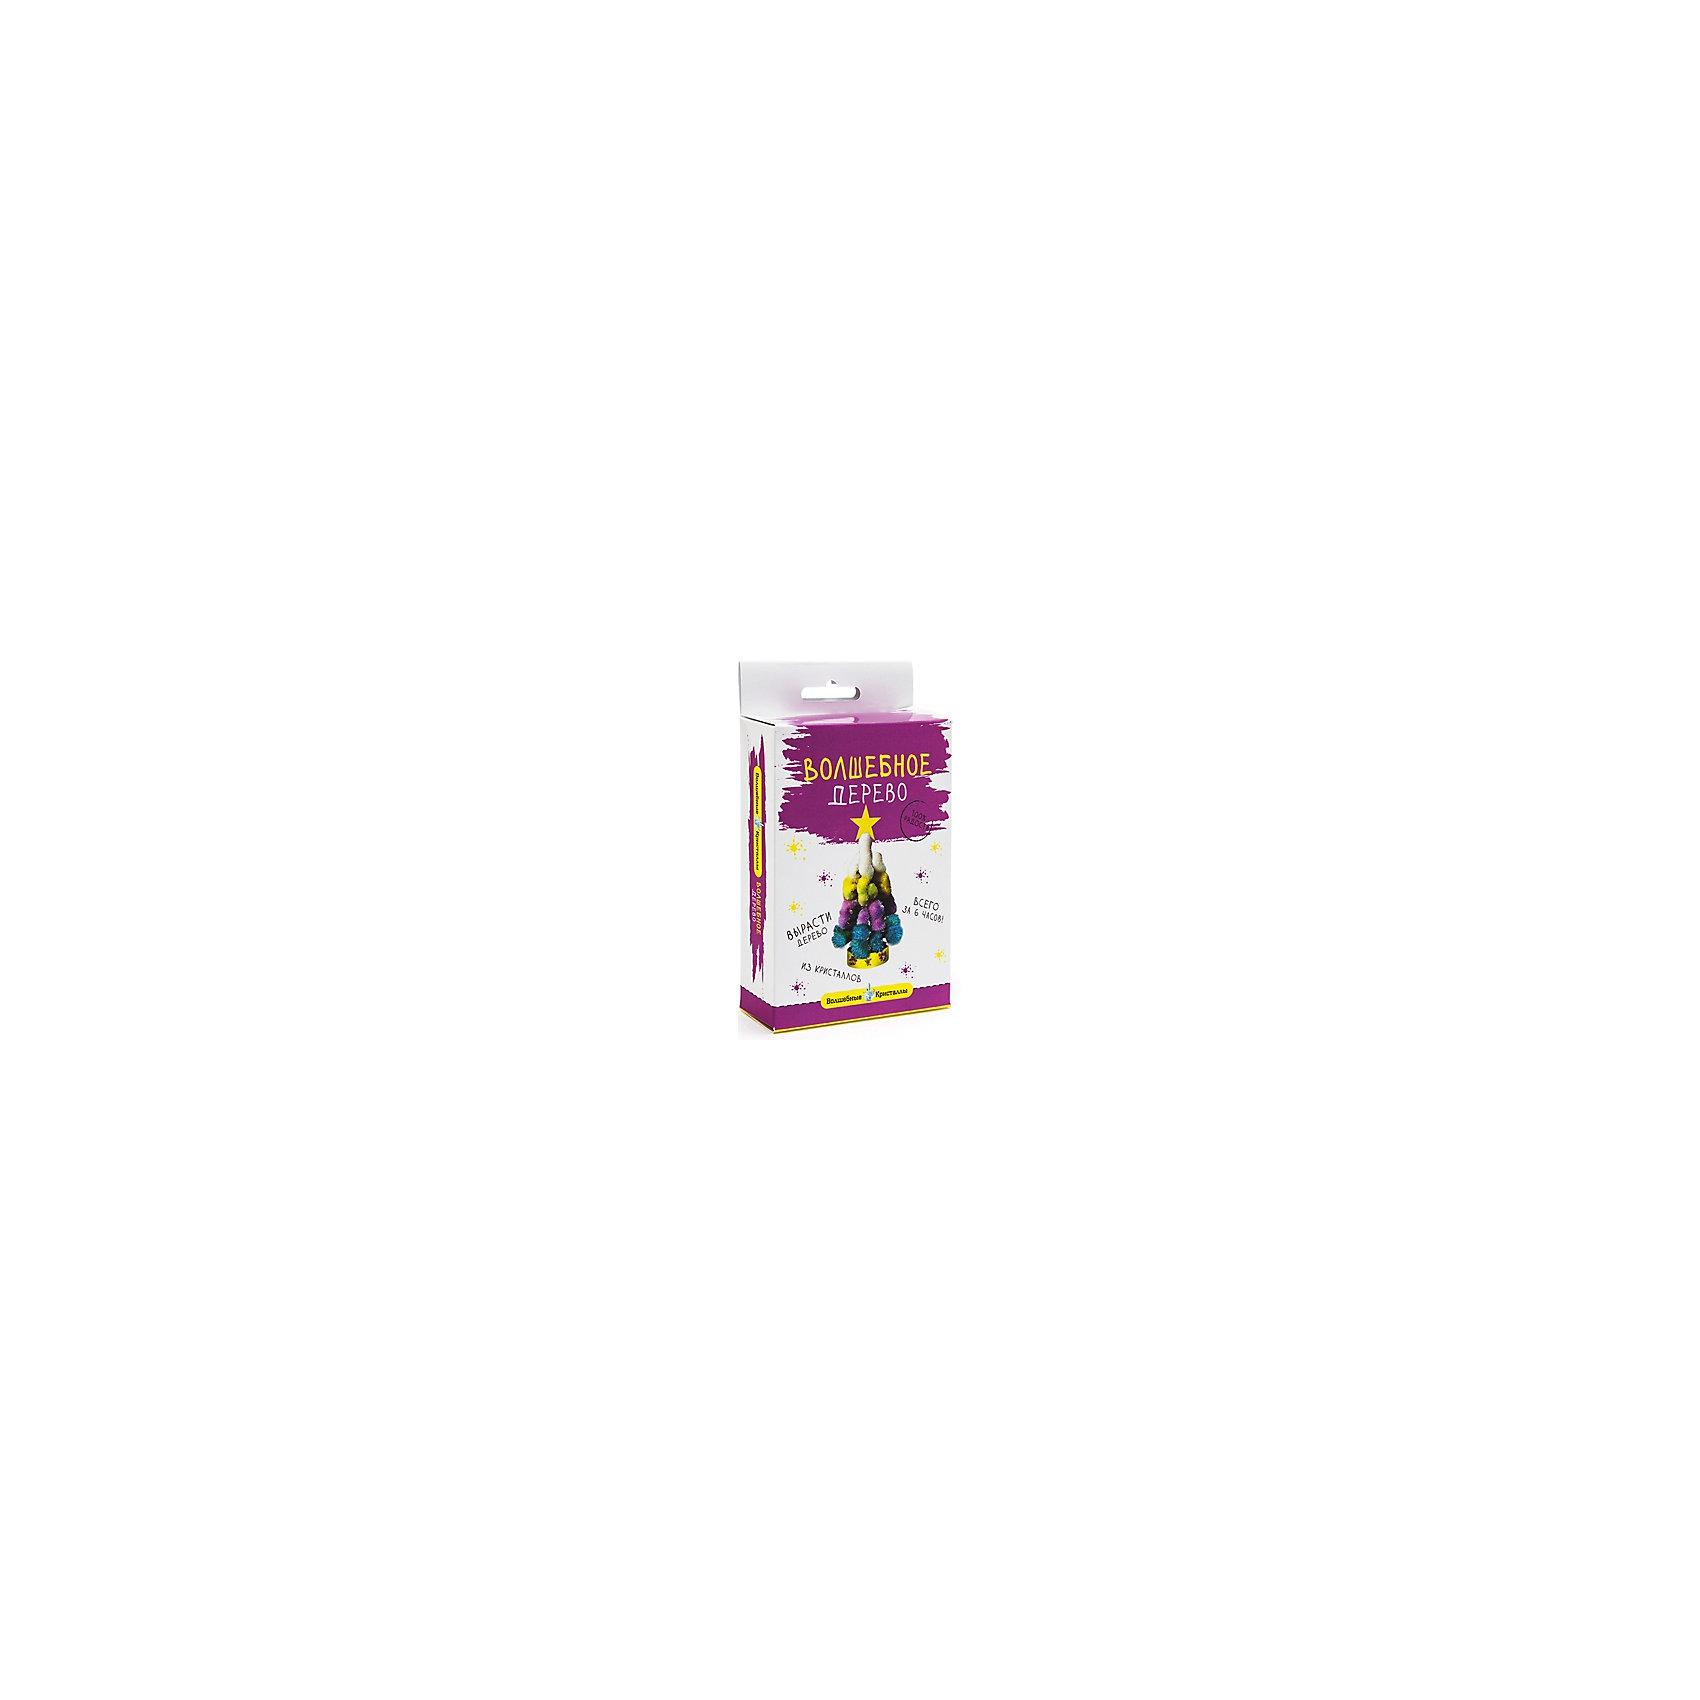 Набор для выращивания кристаллов Волшебное дерево - Елка со звездой БумбарамВолшебные кристаллы Елочка разноцветная со звездой, Бумбарам.<br><br>Характеристики:<br><br>• вы можете вырастить красивую елку<br>• безопасен для детей<br>• пошаговая инструкция<br>• готовая поделка уже через 6 часов<br>• размер упаковки: 16,5х10х3 см<br>• вес: 50 грамм<br>• в комплекте: основа, подставка из пластика, специальный раствор, инструкция<br>• материалы: реактив, бумага, пластик, картон<br>• готовую поделку рекомендуется покрыть лаком<br><br>С помощью этого набора Волшебные кристаллы ребенок сможет самостоятельно создать пушистую блестящую елочку своими руками. Для этого нужно соединить основу и подставку и налить специальный раствор. Уже через 6 часов елочка покроется волшебными разноцветными кристаллами. Все материалы безопасны для ребенка и просты в использовании. Такая елочка украсит комнату и добавит новогоднюю нотку к интерьеру.<br><br>Волшебные кристаллы Елочка разноцветная со звездой, Бумбарам можно купить в нашем интернет-магазине.<br><br>Ширина мм: 170<br>Глубина мм: 100<br>Высота мм: 30<br>Вес г: 50<br>Возраст от месяцев: 72<br>Возраст до месяцев: 144<br>Пол: Унисекс<br>Возраст: Детский<br>SKU: 5053936